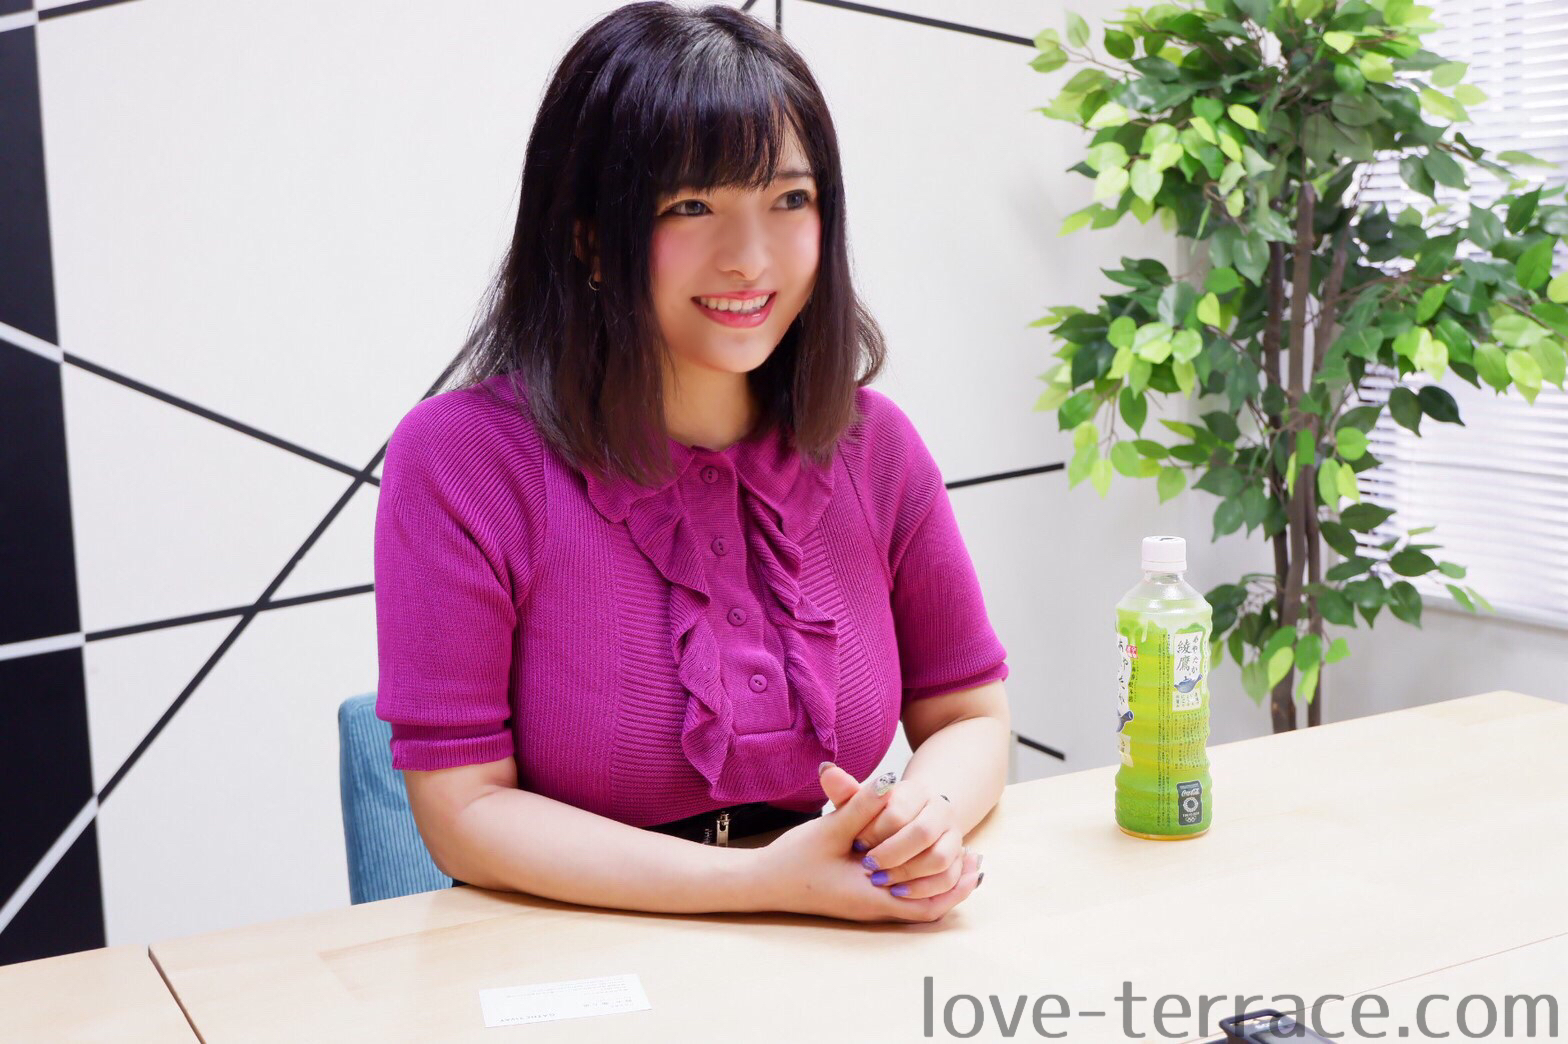 モデル・大門みやこ(miyako)さんにインタビュー!恋愛観について根掘り葉掘り聞いてみた